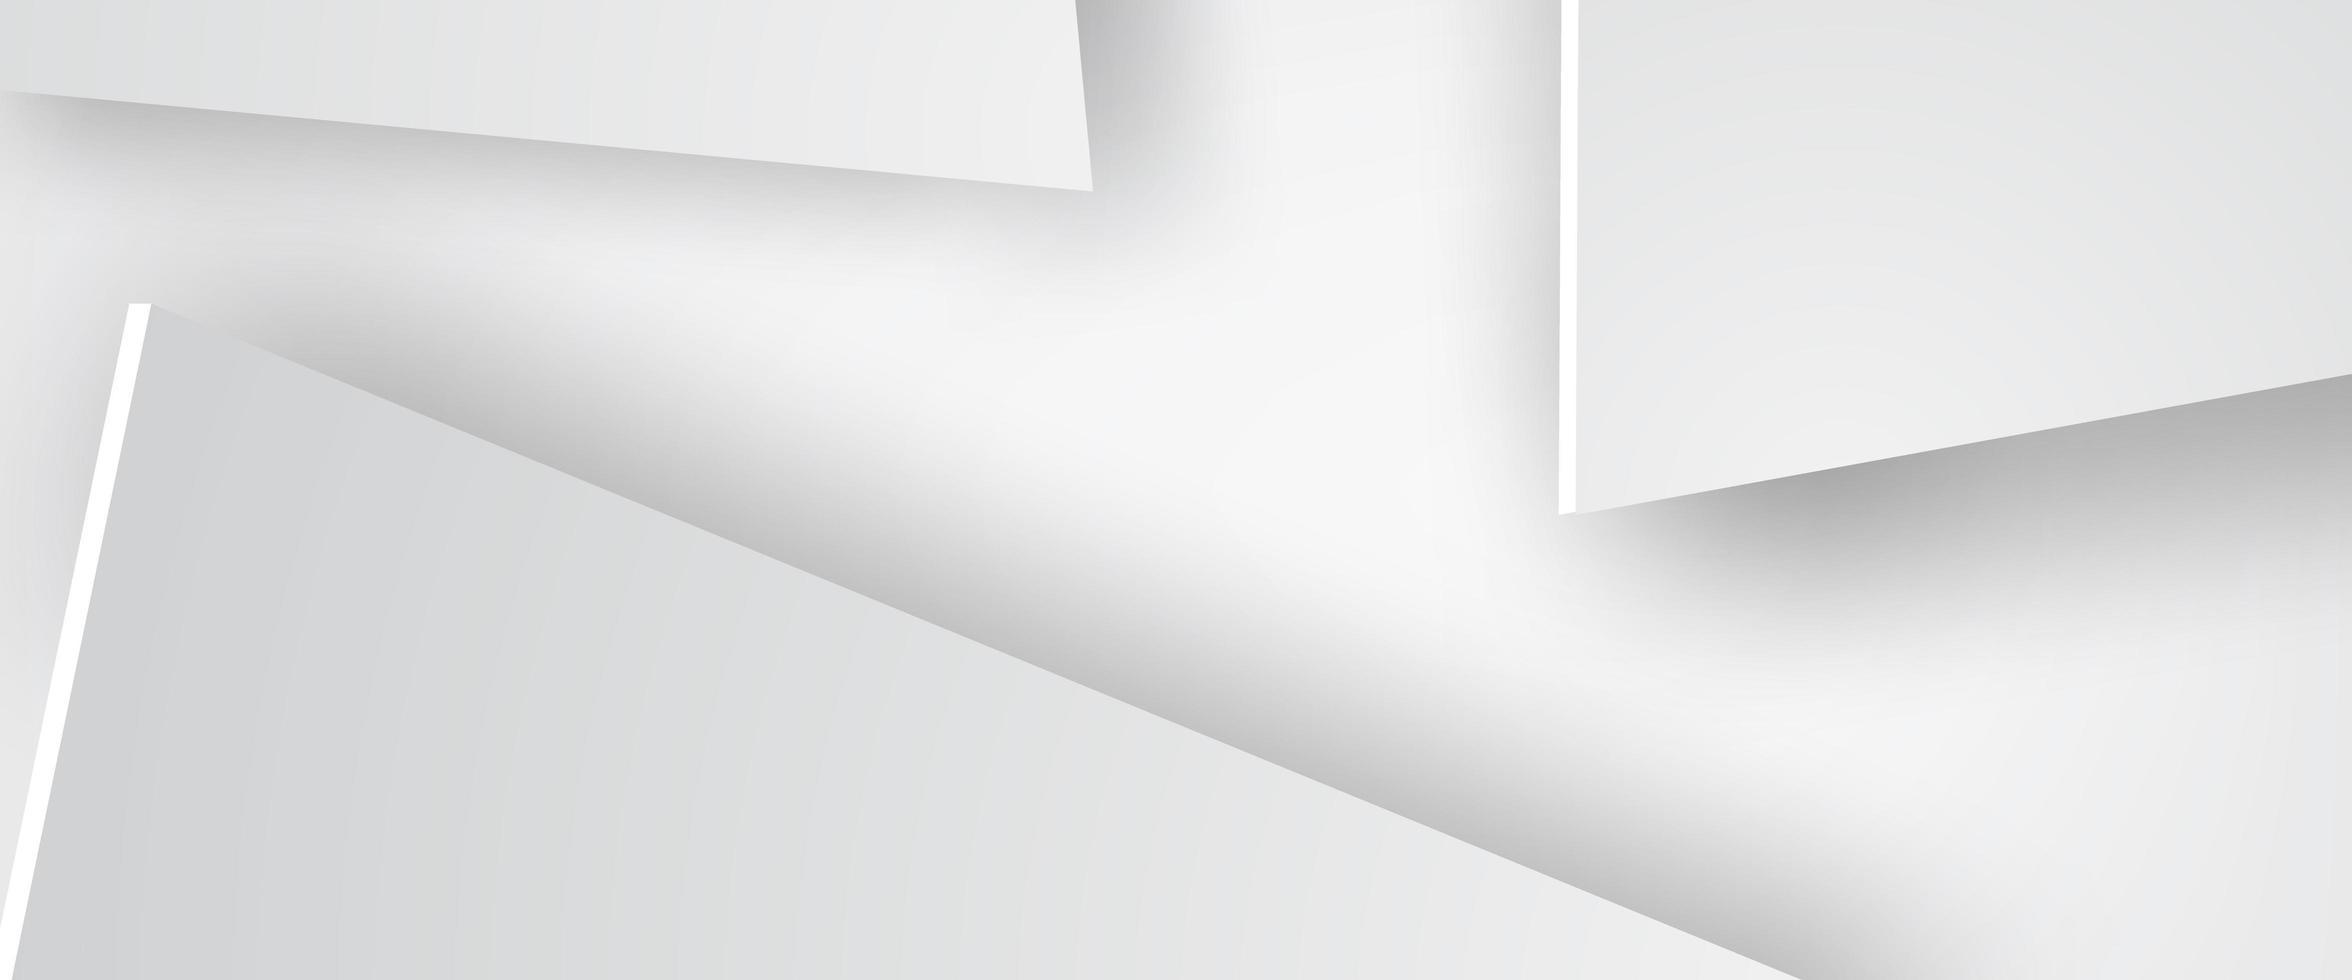 arte di carta del triangolo sfondo bianco vettore